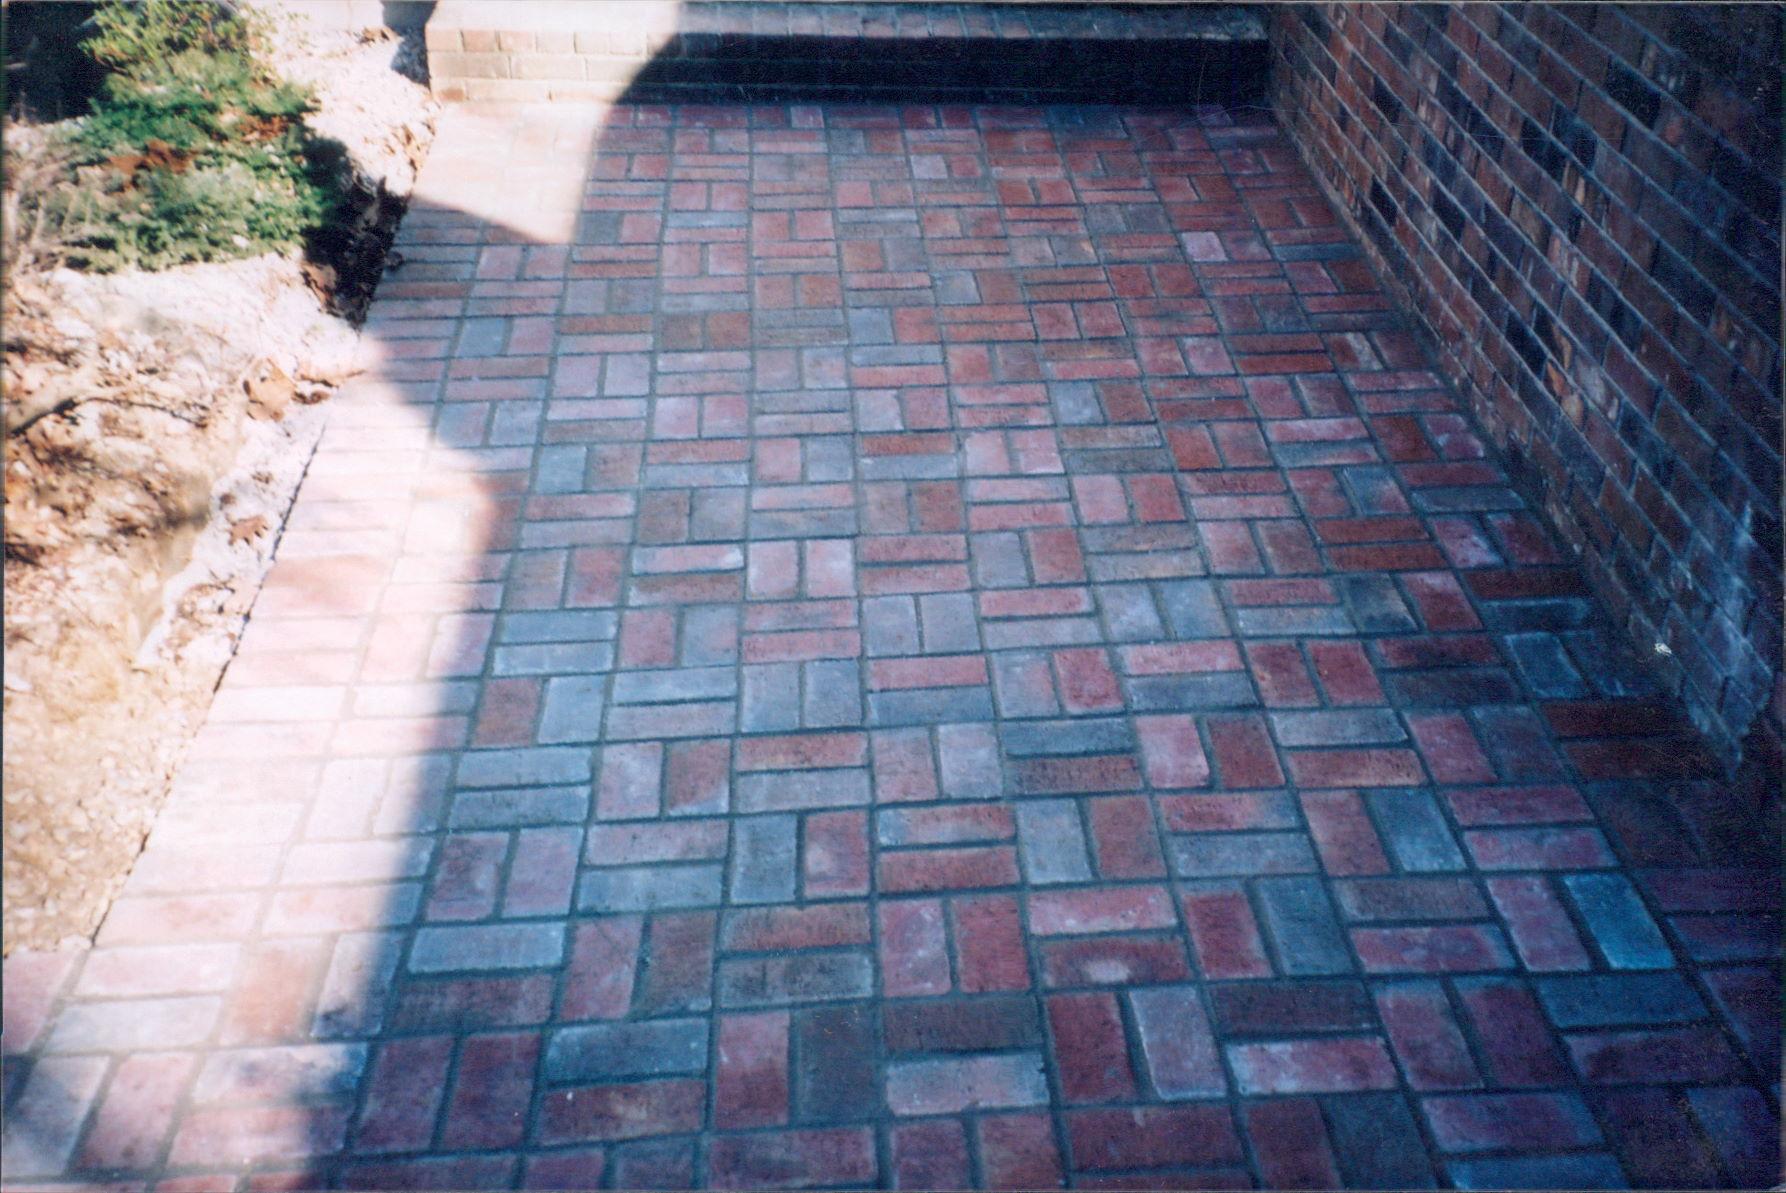 Brick_00005A.jpg